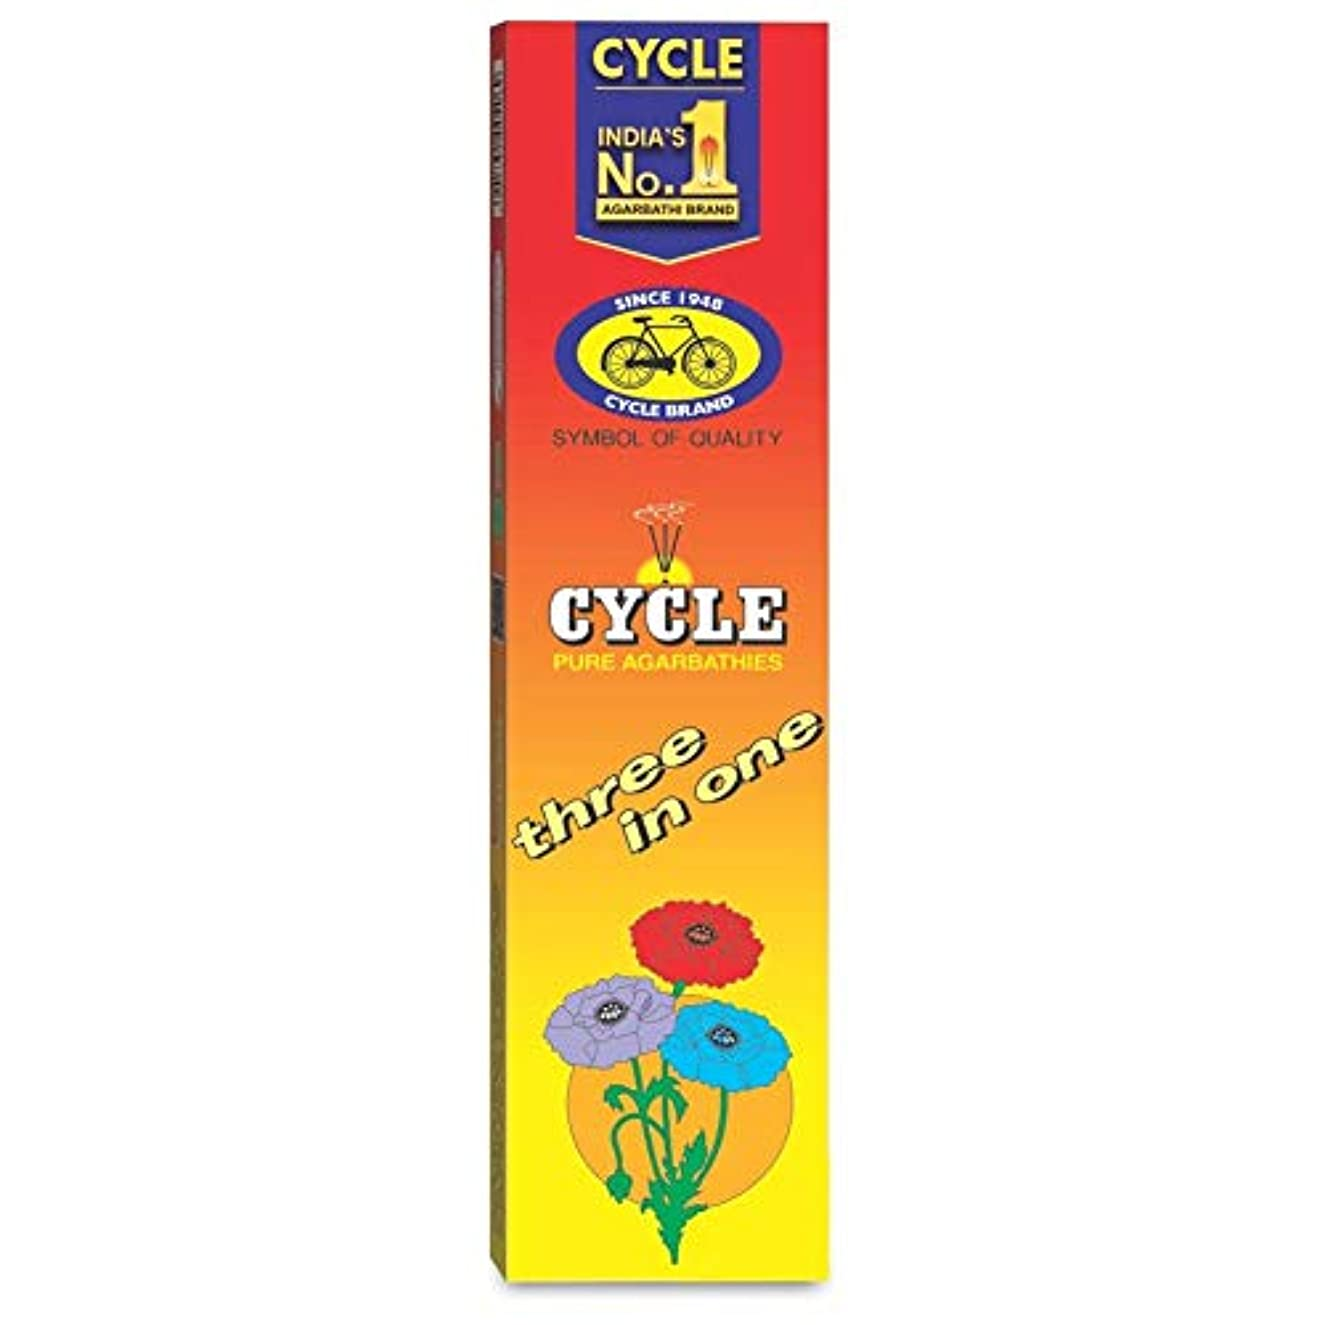 悪党リビジョンセイはさておきCycle Pure Agarbathies Three In One Classic Fragrance Incense Sticks - 240 Grams Free Soap Offer